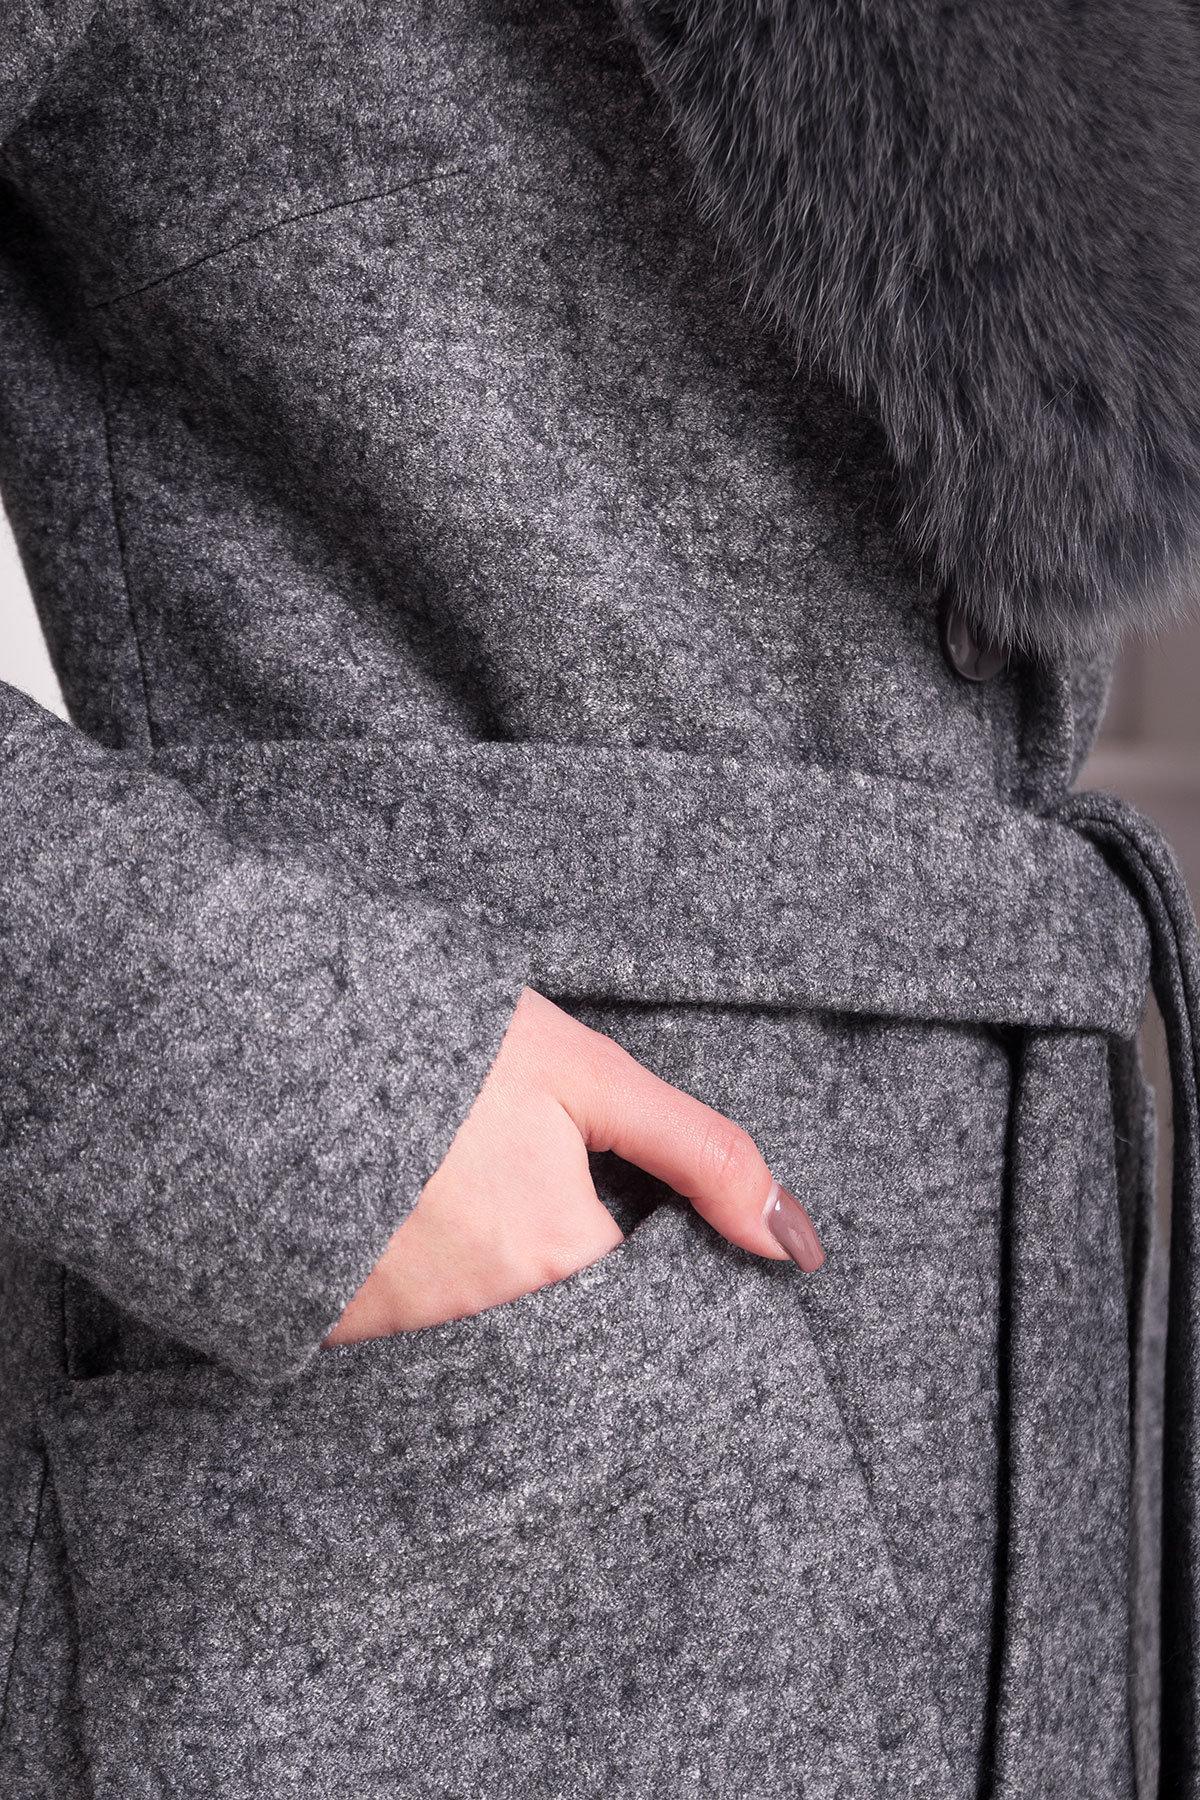 Зимнее пальто с воротником из песца Габриэлла 4150 АРТ. 20300 Цвет: Серый Темный LW-5 - фото 5, интернет магазин tm-modus.ru